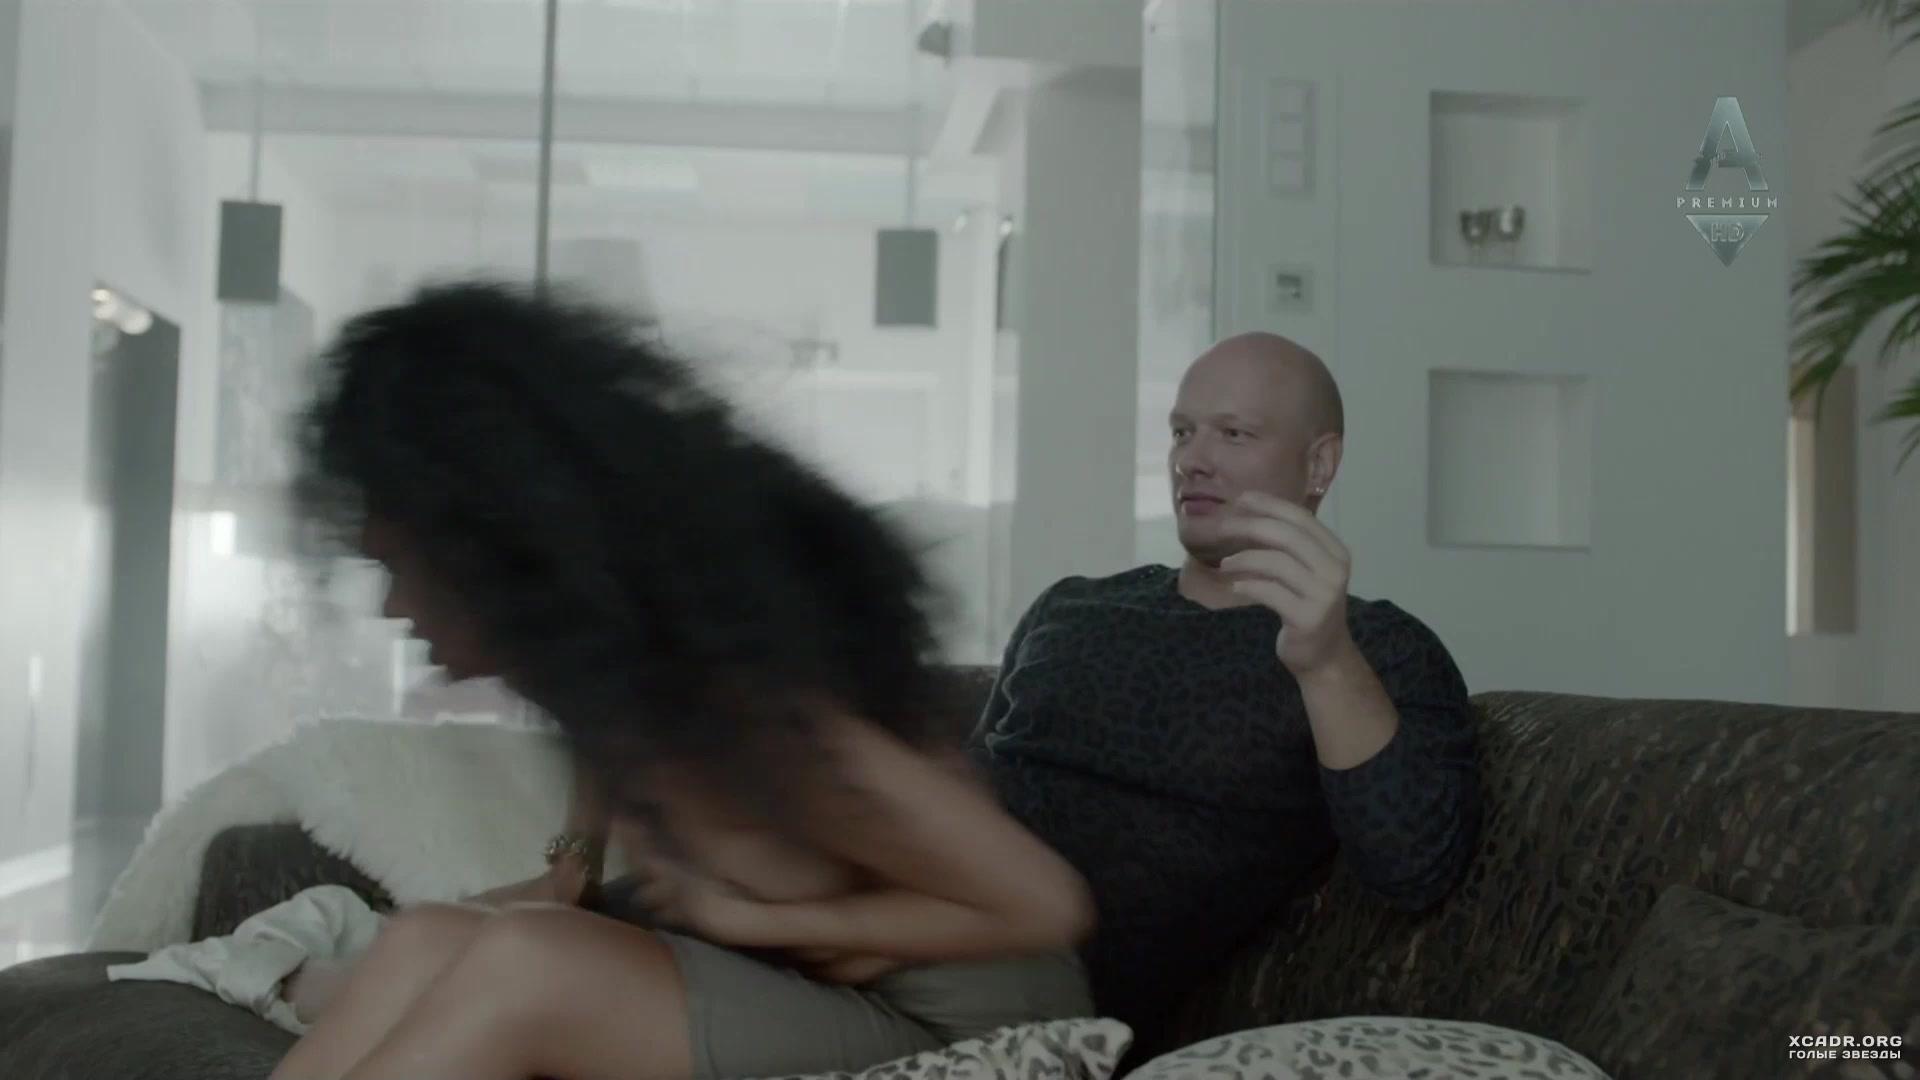 Real sex videos category  Со слезами или без сознания